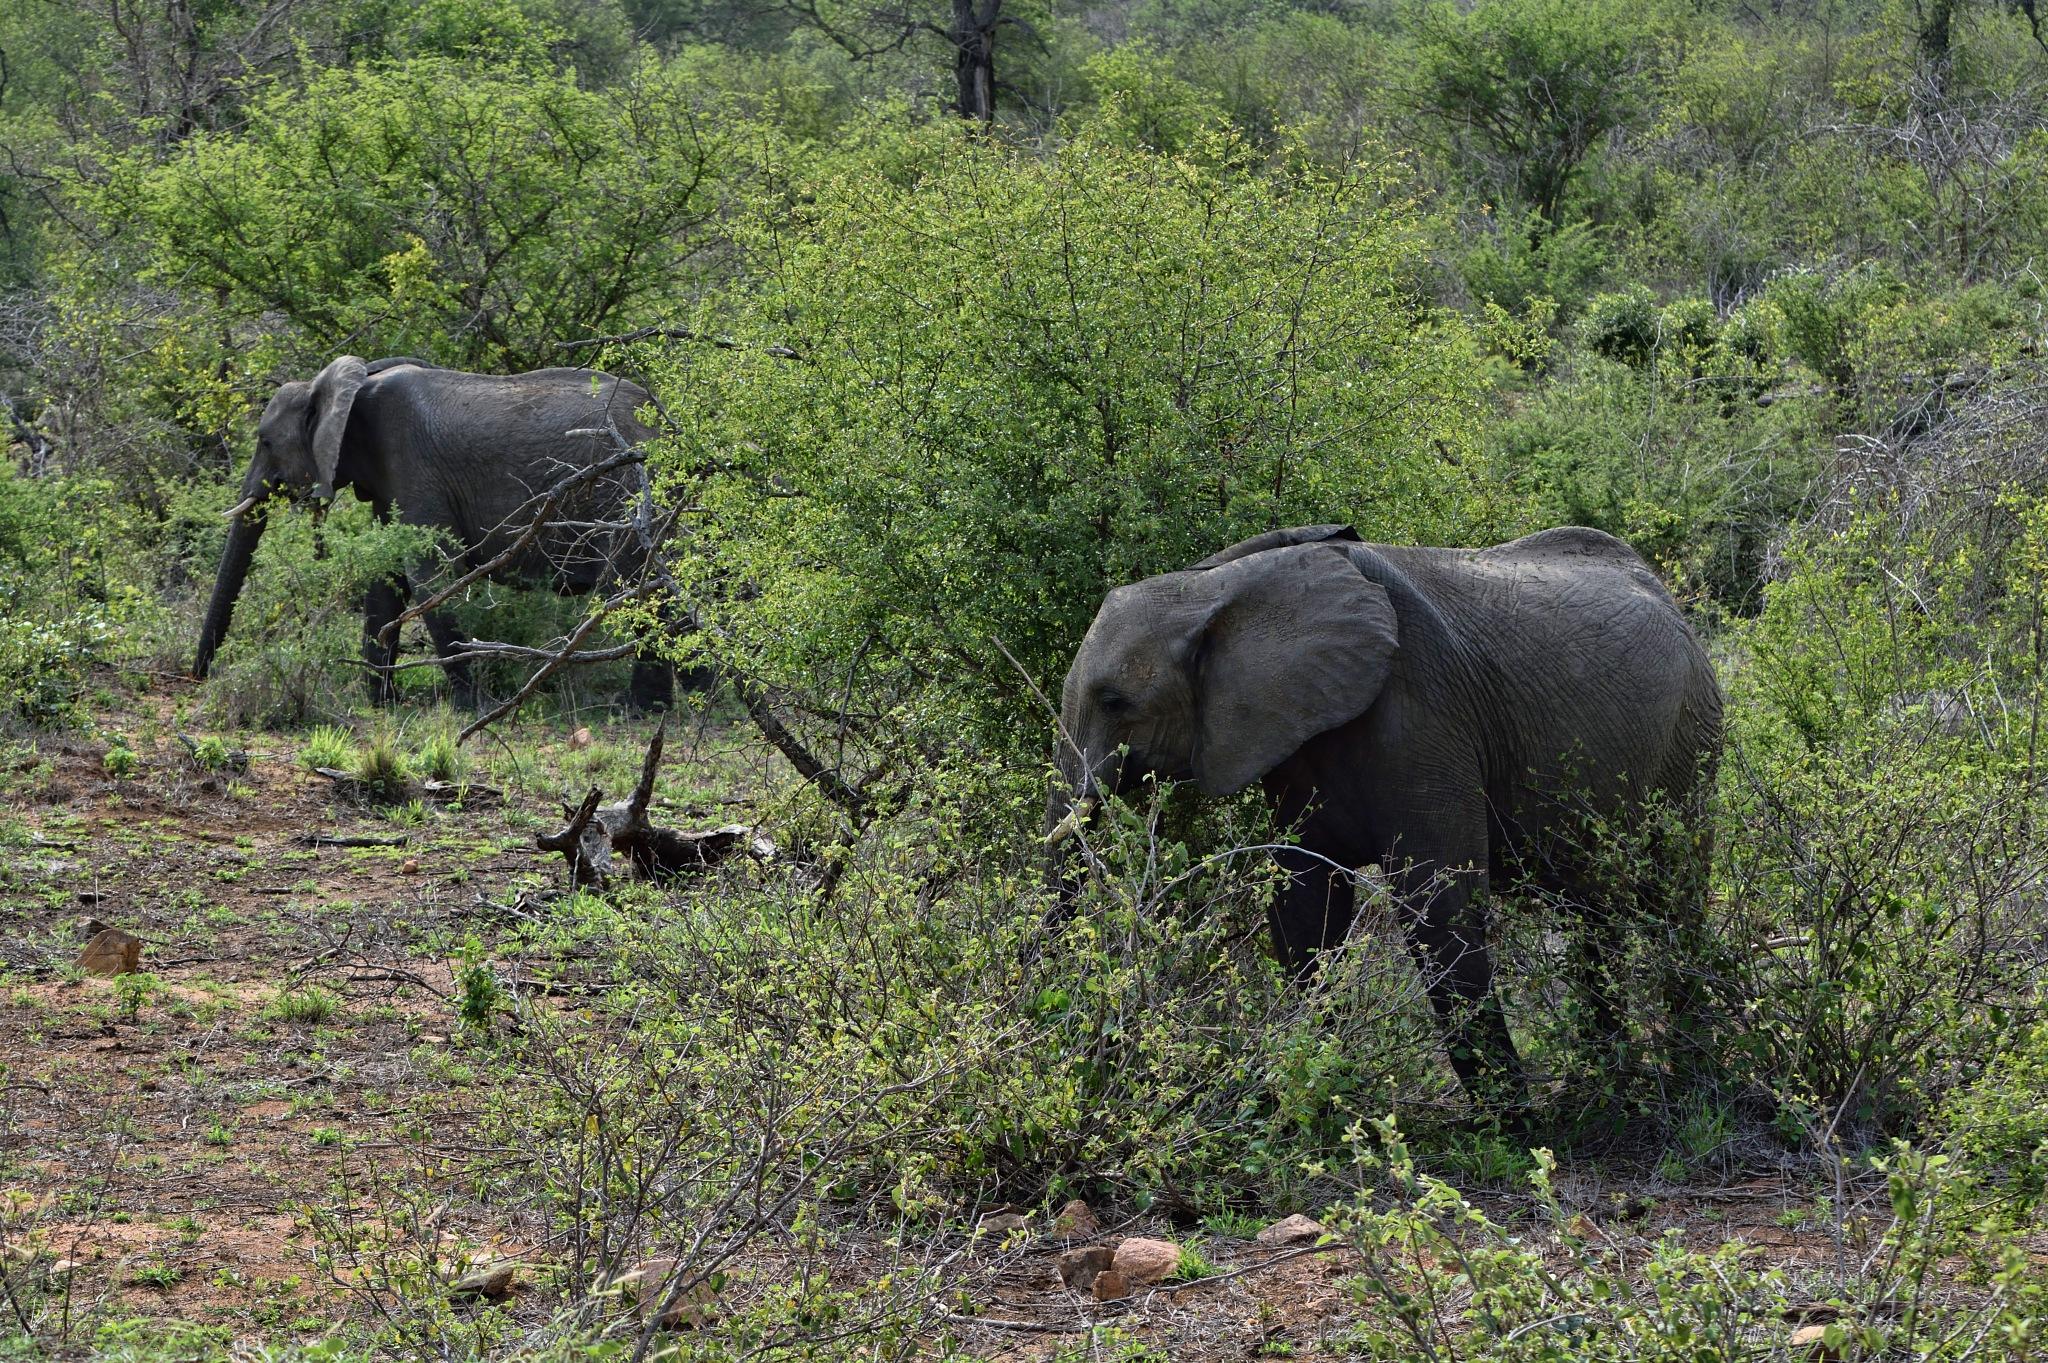 South Africa - Kruger Park (193) African Elephant by Derek Clarke